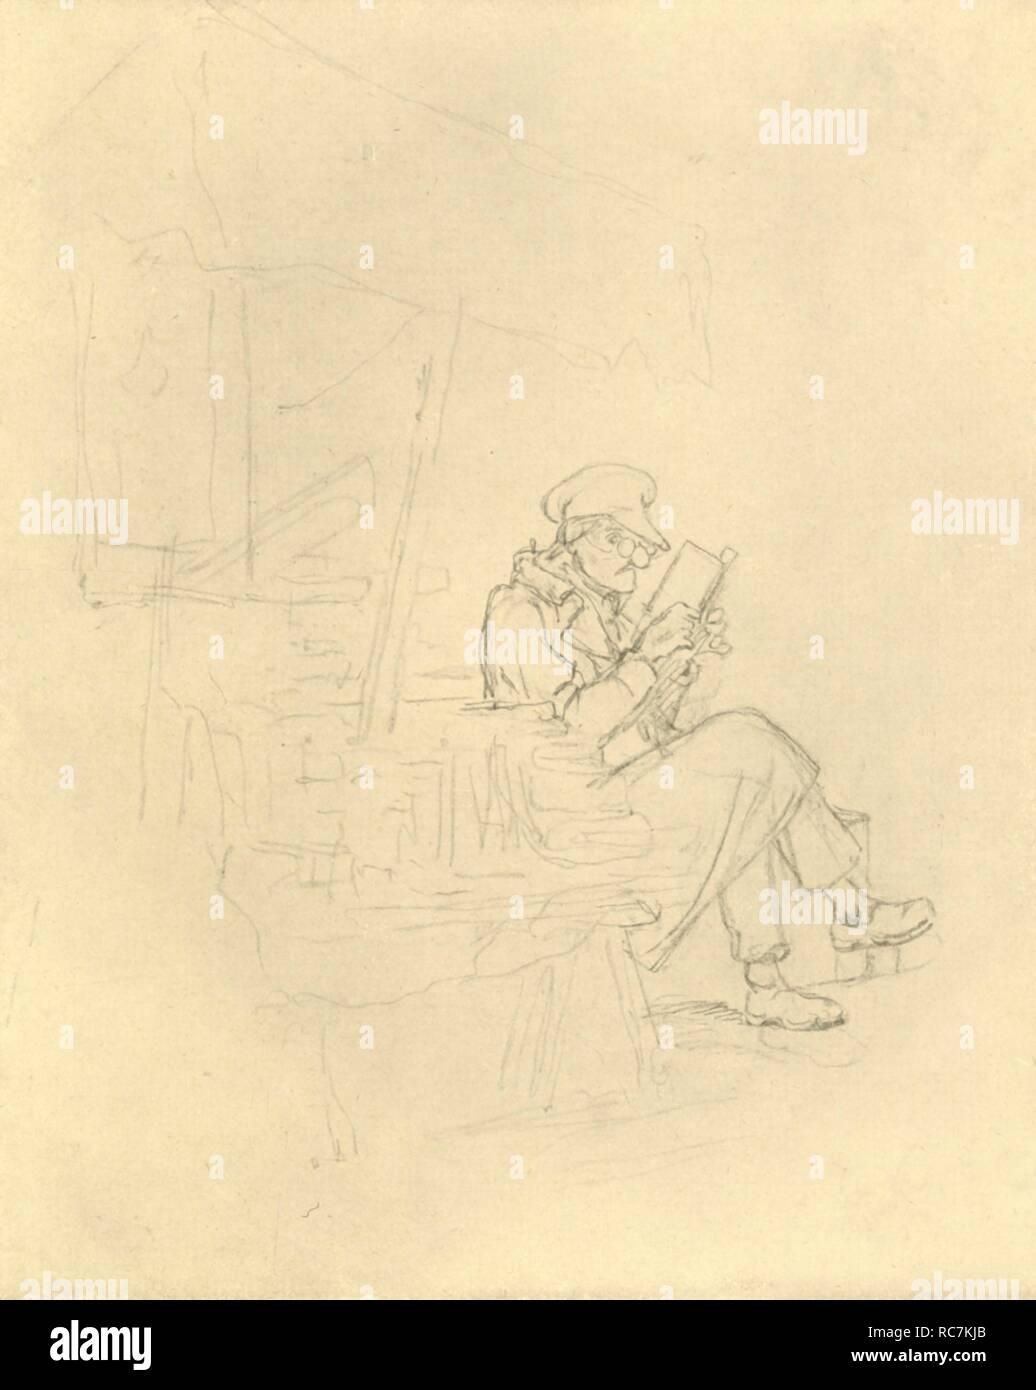 """'Der Antiquar', mid-late 19th century, (c1924). 'The antiquarian'. From """"Die gute alte Zeit: Zeichnungen von Karl Spitzweg"""", (The Good Old Days: drawings by Karl Spitzweg). [Benjamin Harz, Berlin-Vienna, c1924] - Stock Image"""